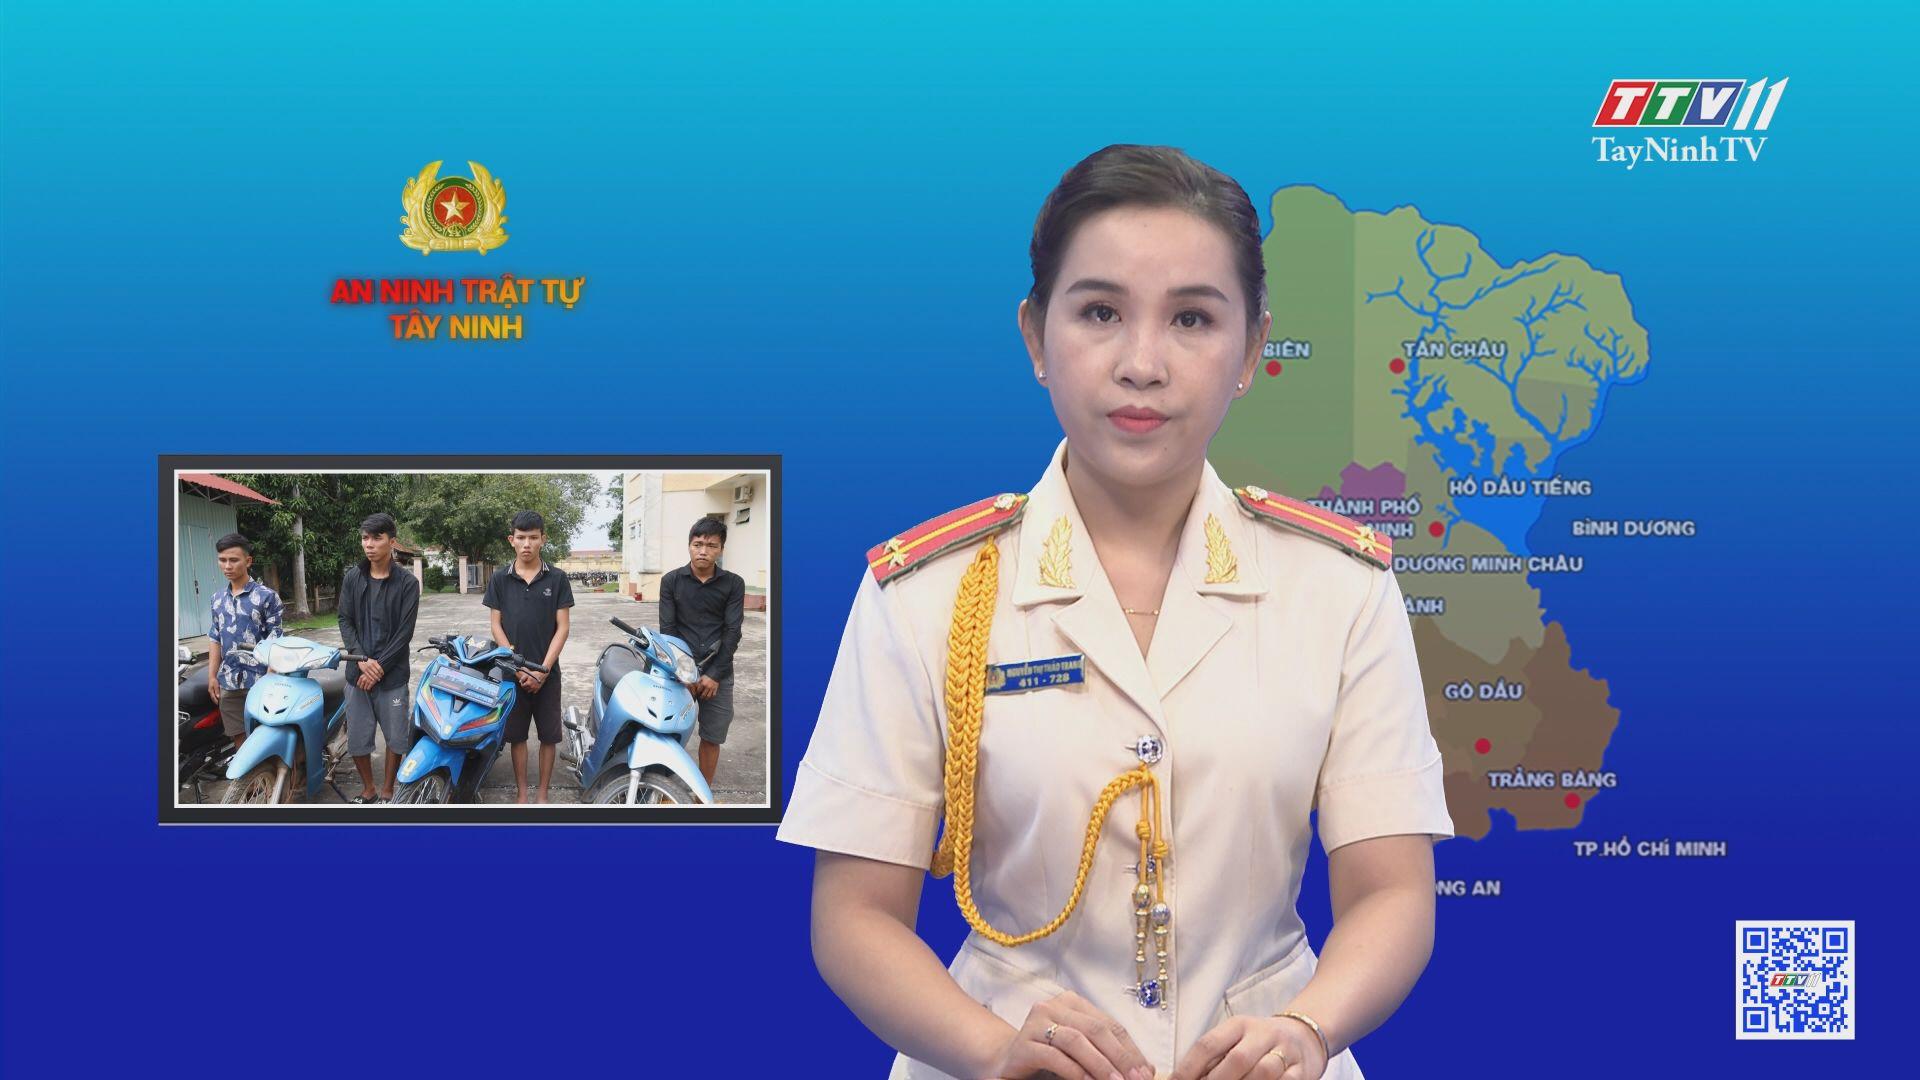 Công an Tân Châu triệt phá đường dây tiêu thụ xe gian liên tỉnh | AN NINH TRẬT TỰ | TayNinhTV